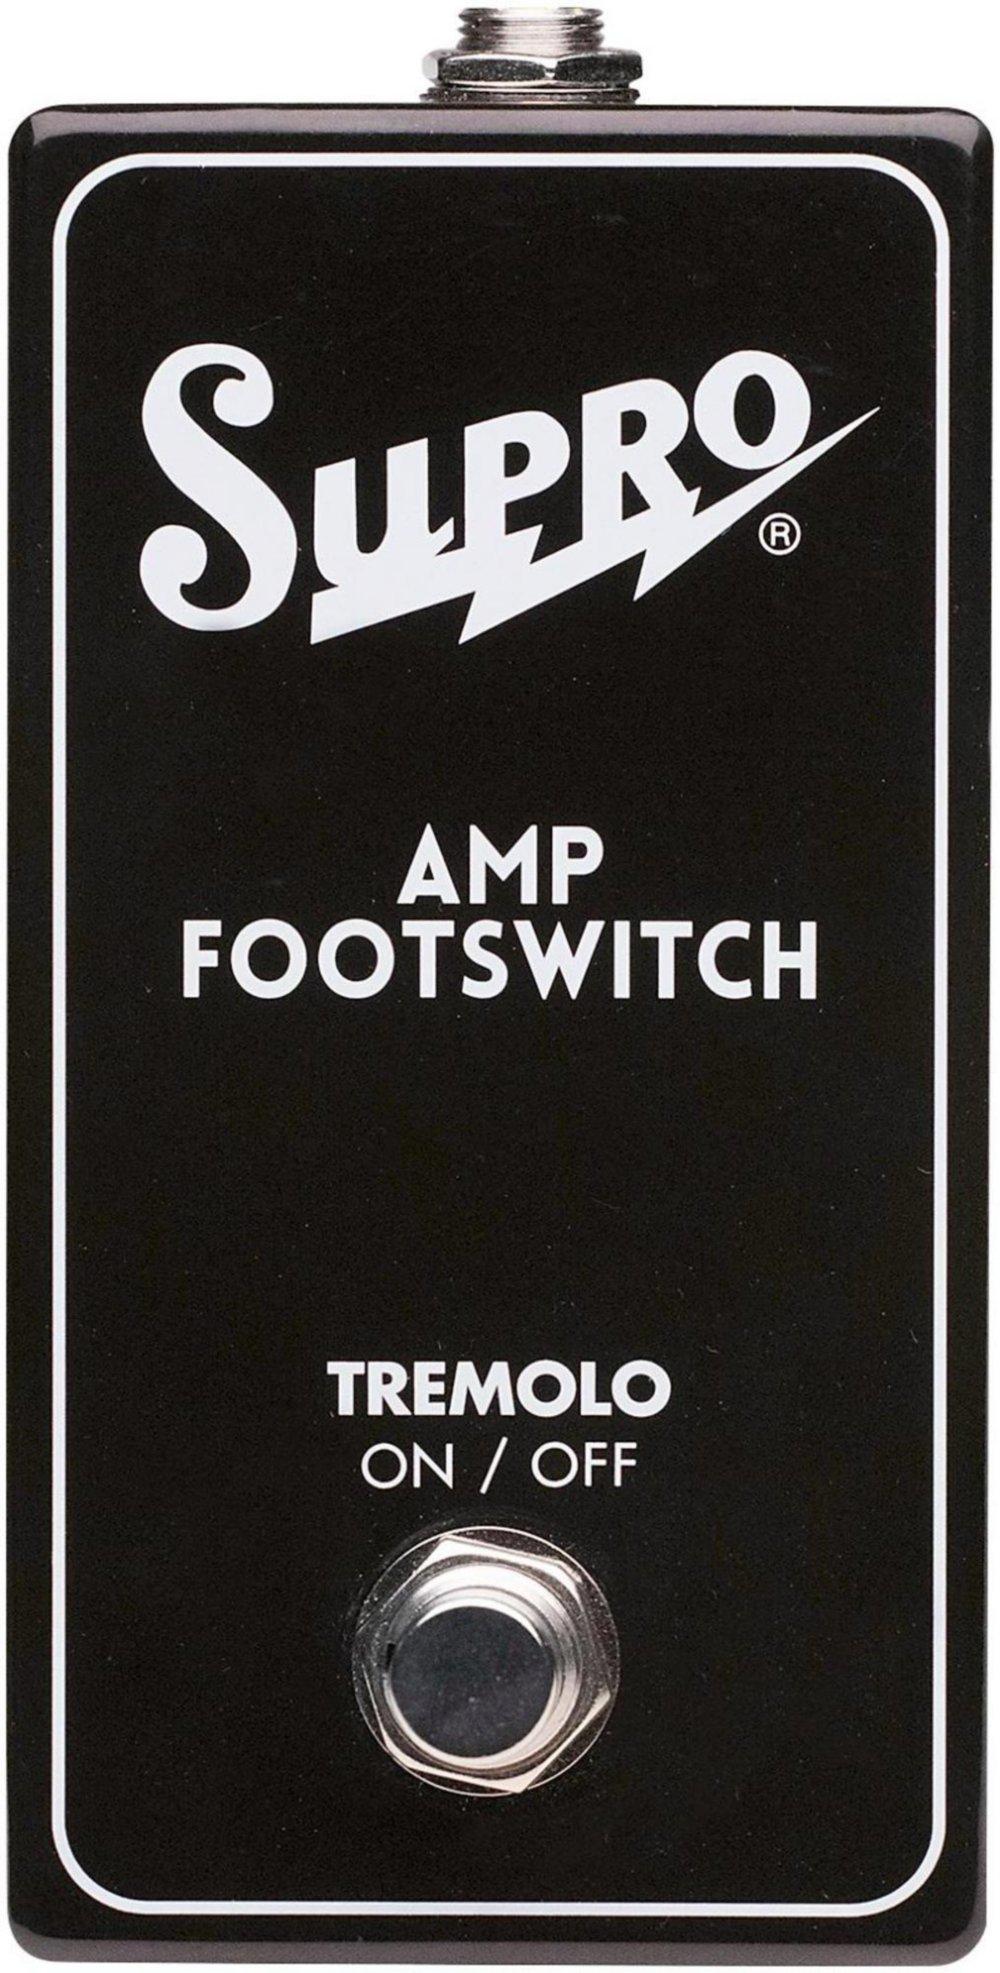 Supro SF1 Tremolo On/Off Switch for Dual-Tone, Coronado and Black Magick